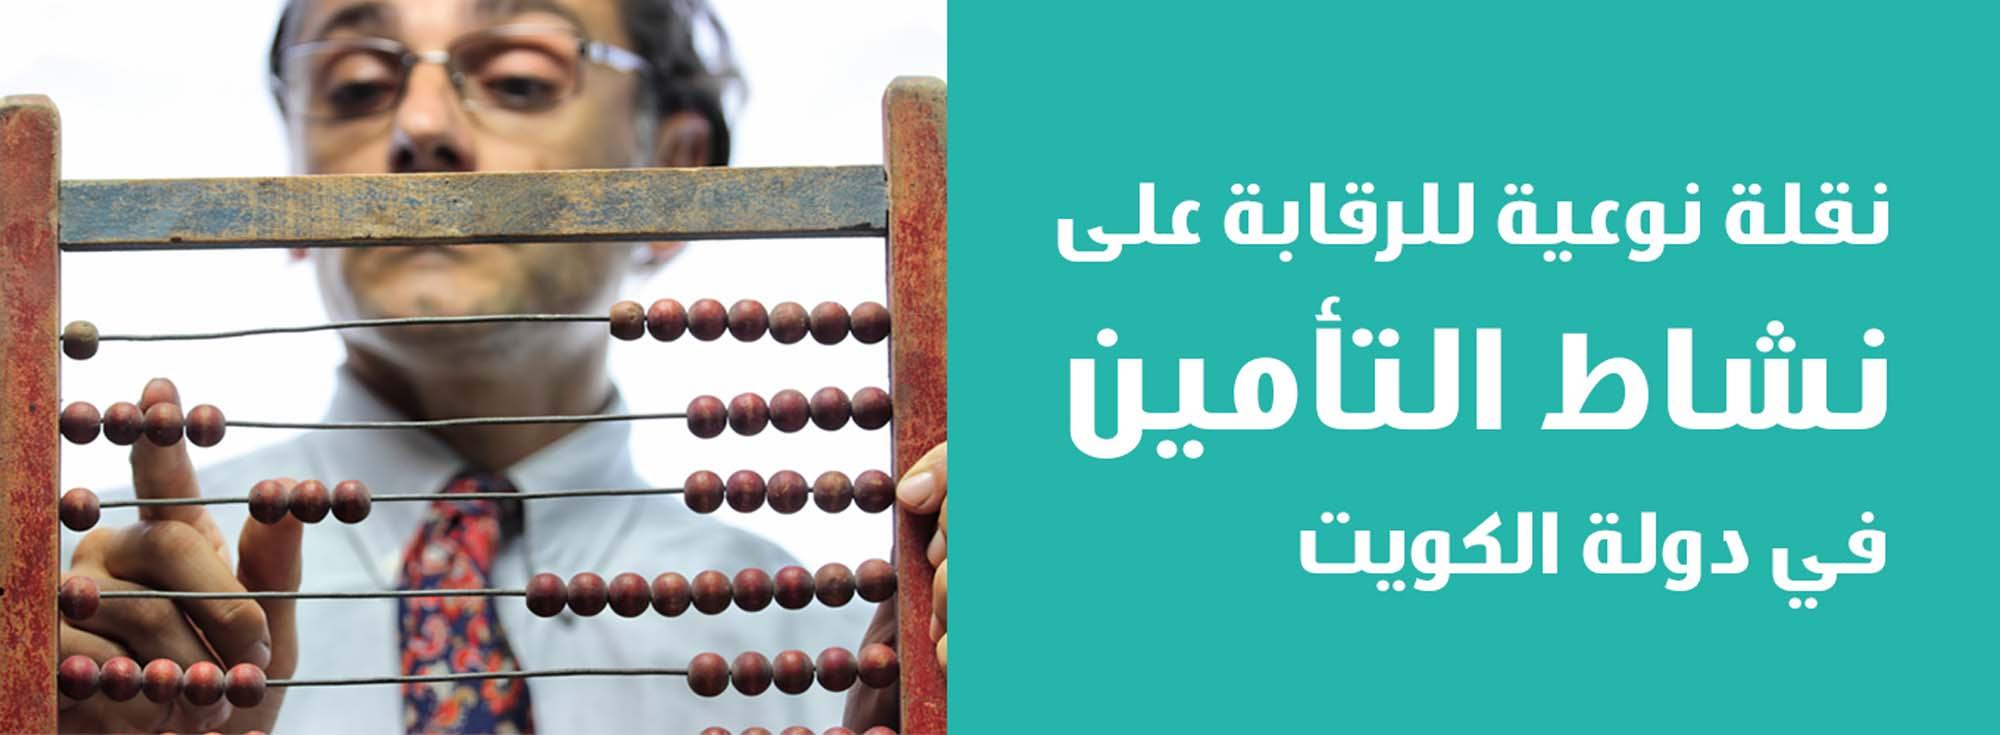 نقلة نوعية للرقابة على نشاط التأمين في دولة الكويت